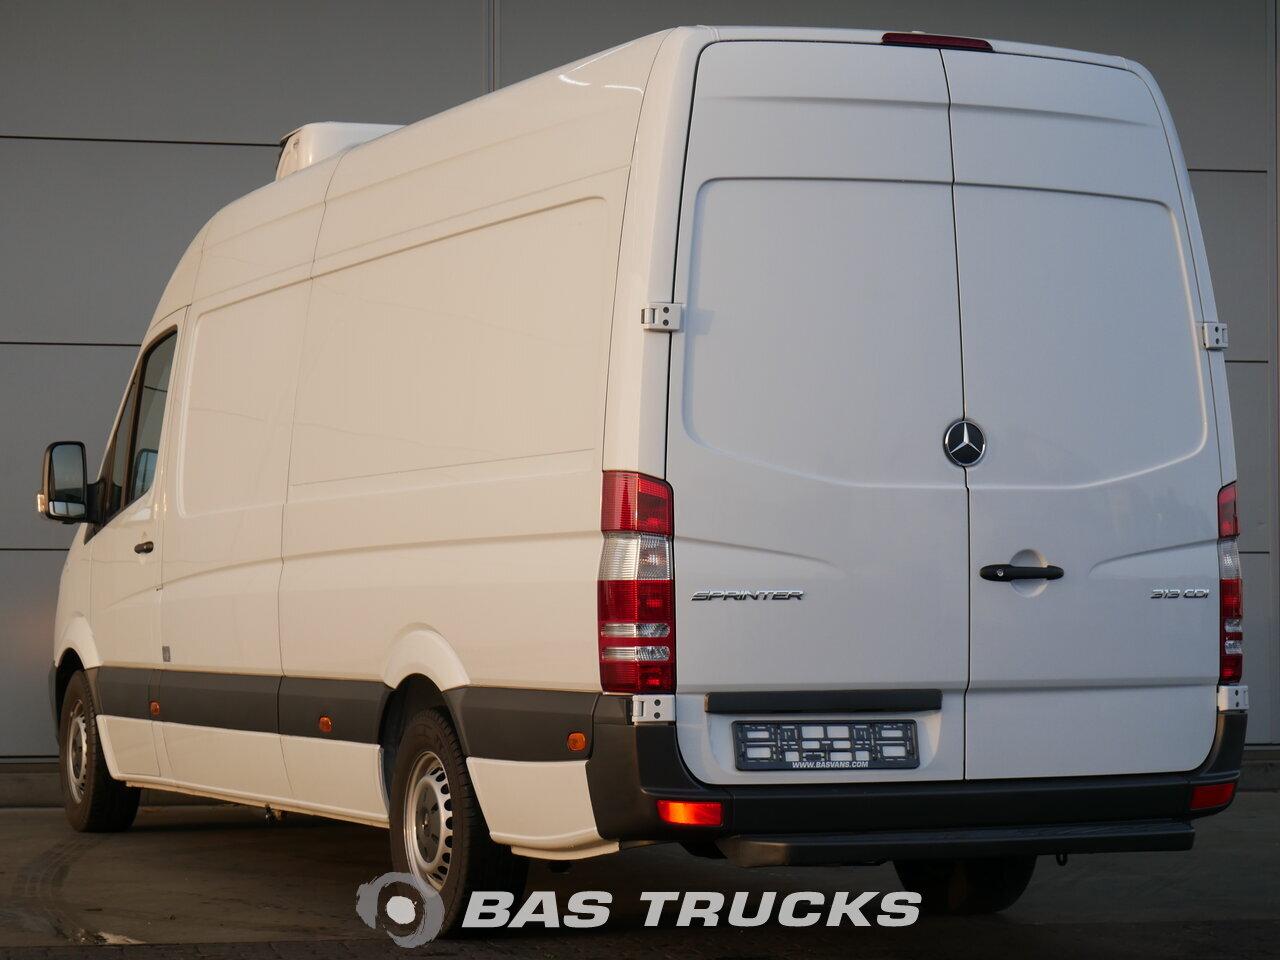 mercedes sprinter light commercial vehicle 37900 bas trucks. Black Bedroom Furniture Sets. Home Design Ideas